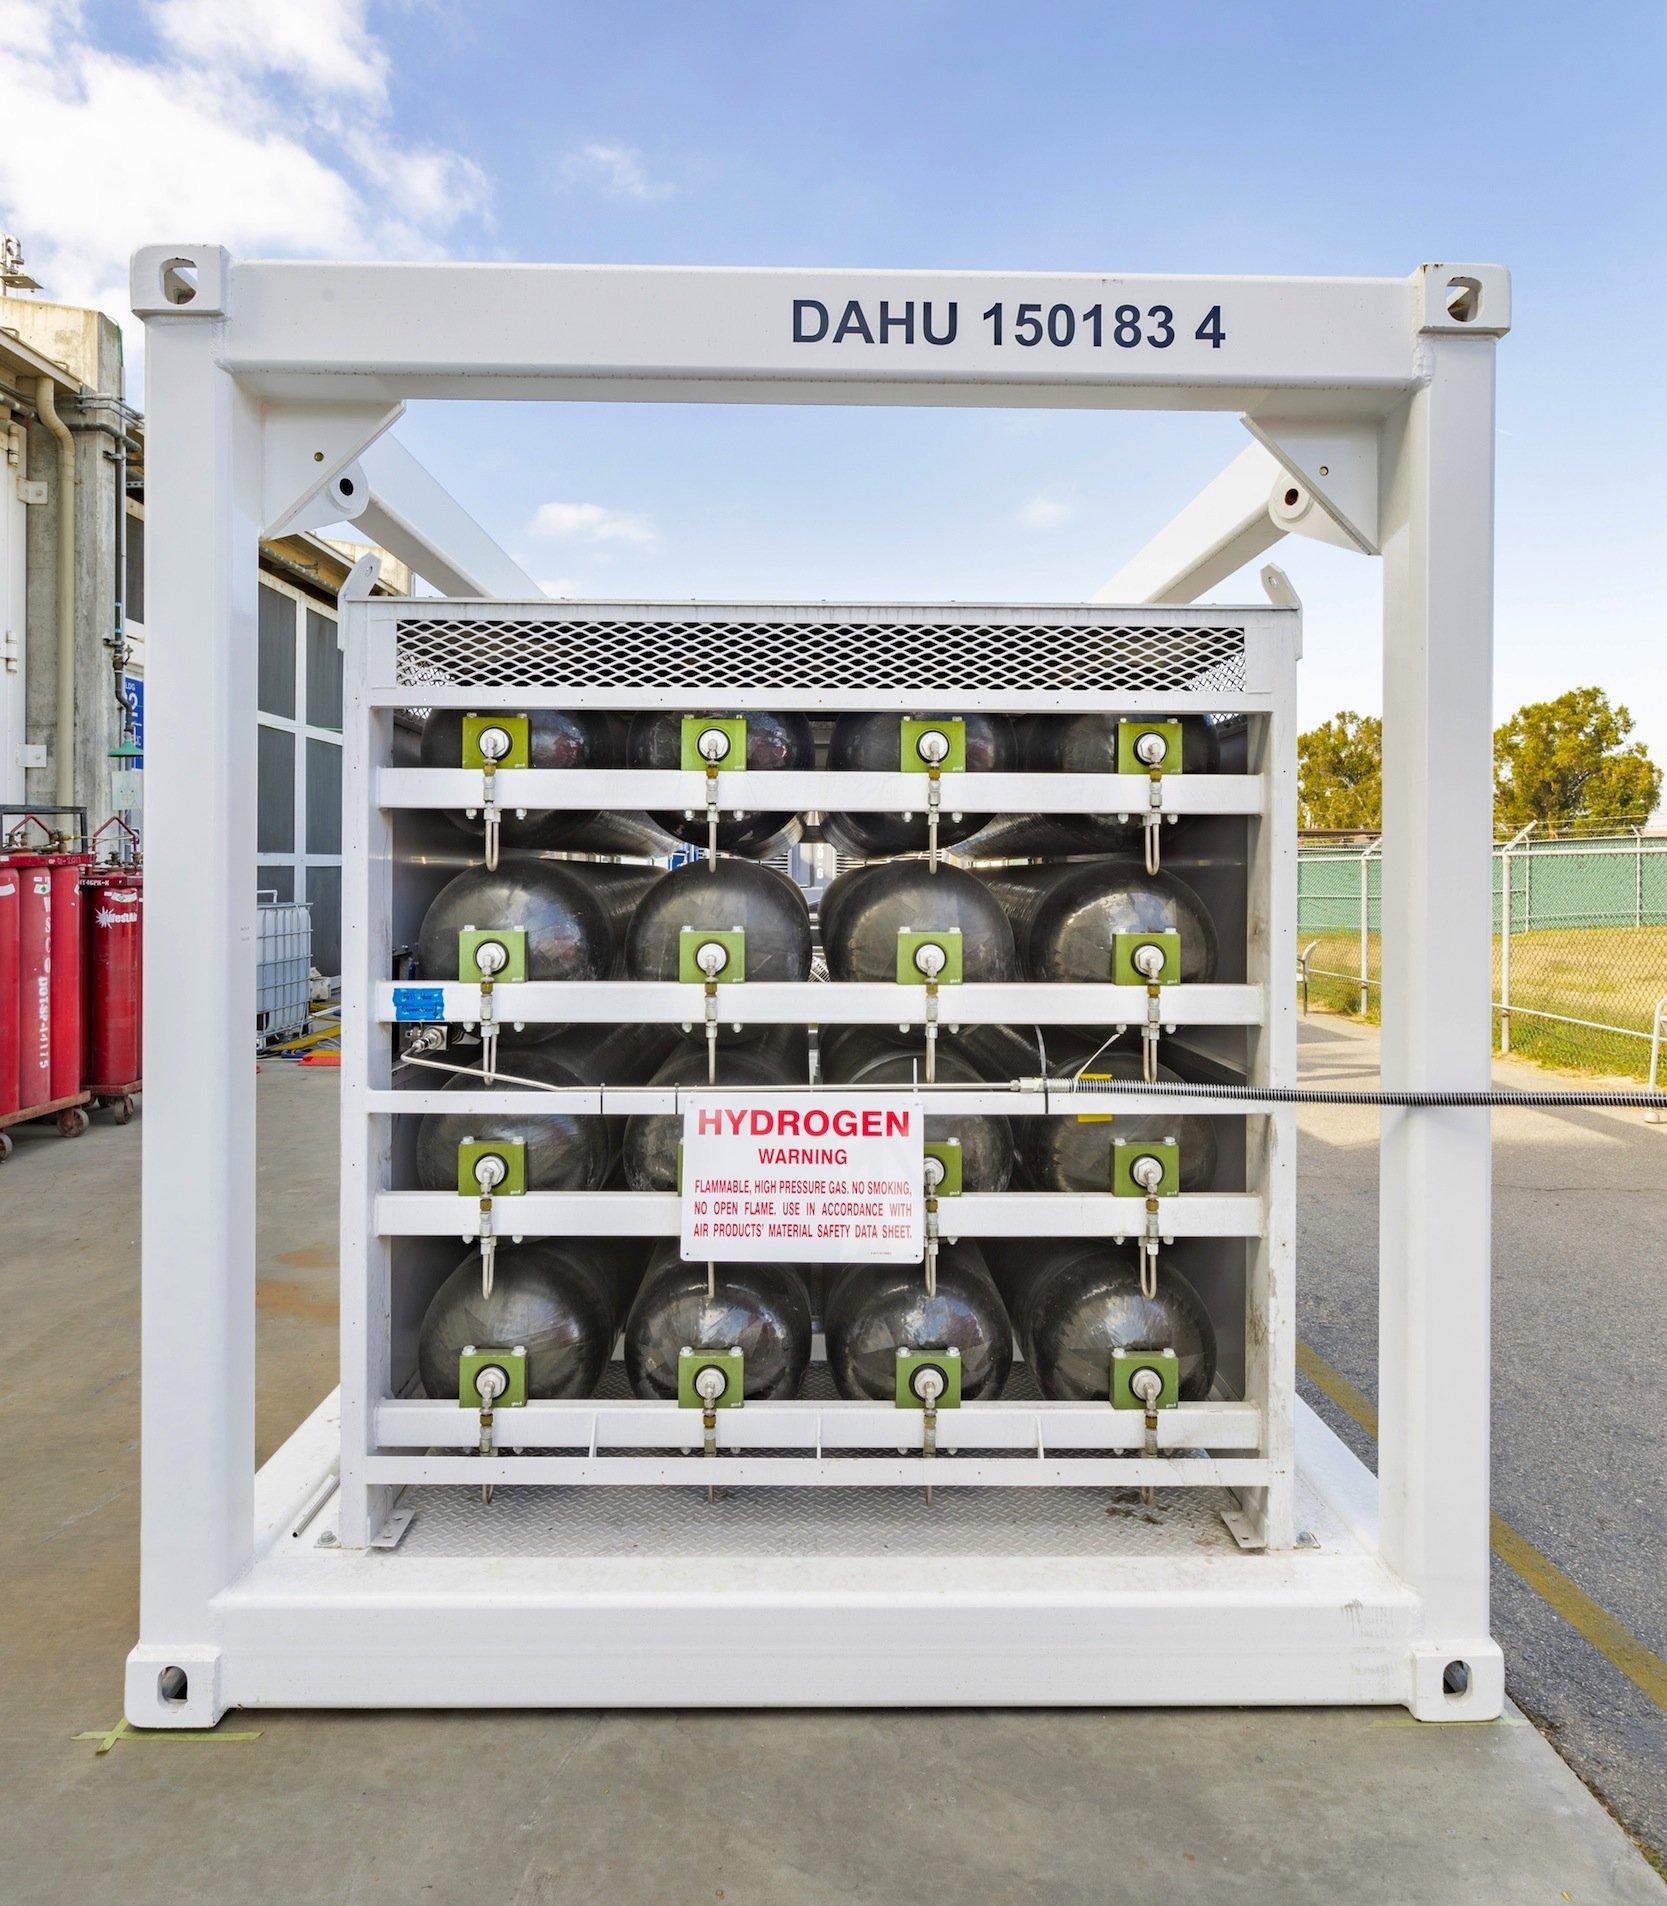 Der per Elektrolyse erzeugte Wasserstoff wird unter Hochdruck gespeichert und bei Bedarf wieder genutzt, um in einer Brennstoffzelle Strom zu erzeugen.